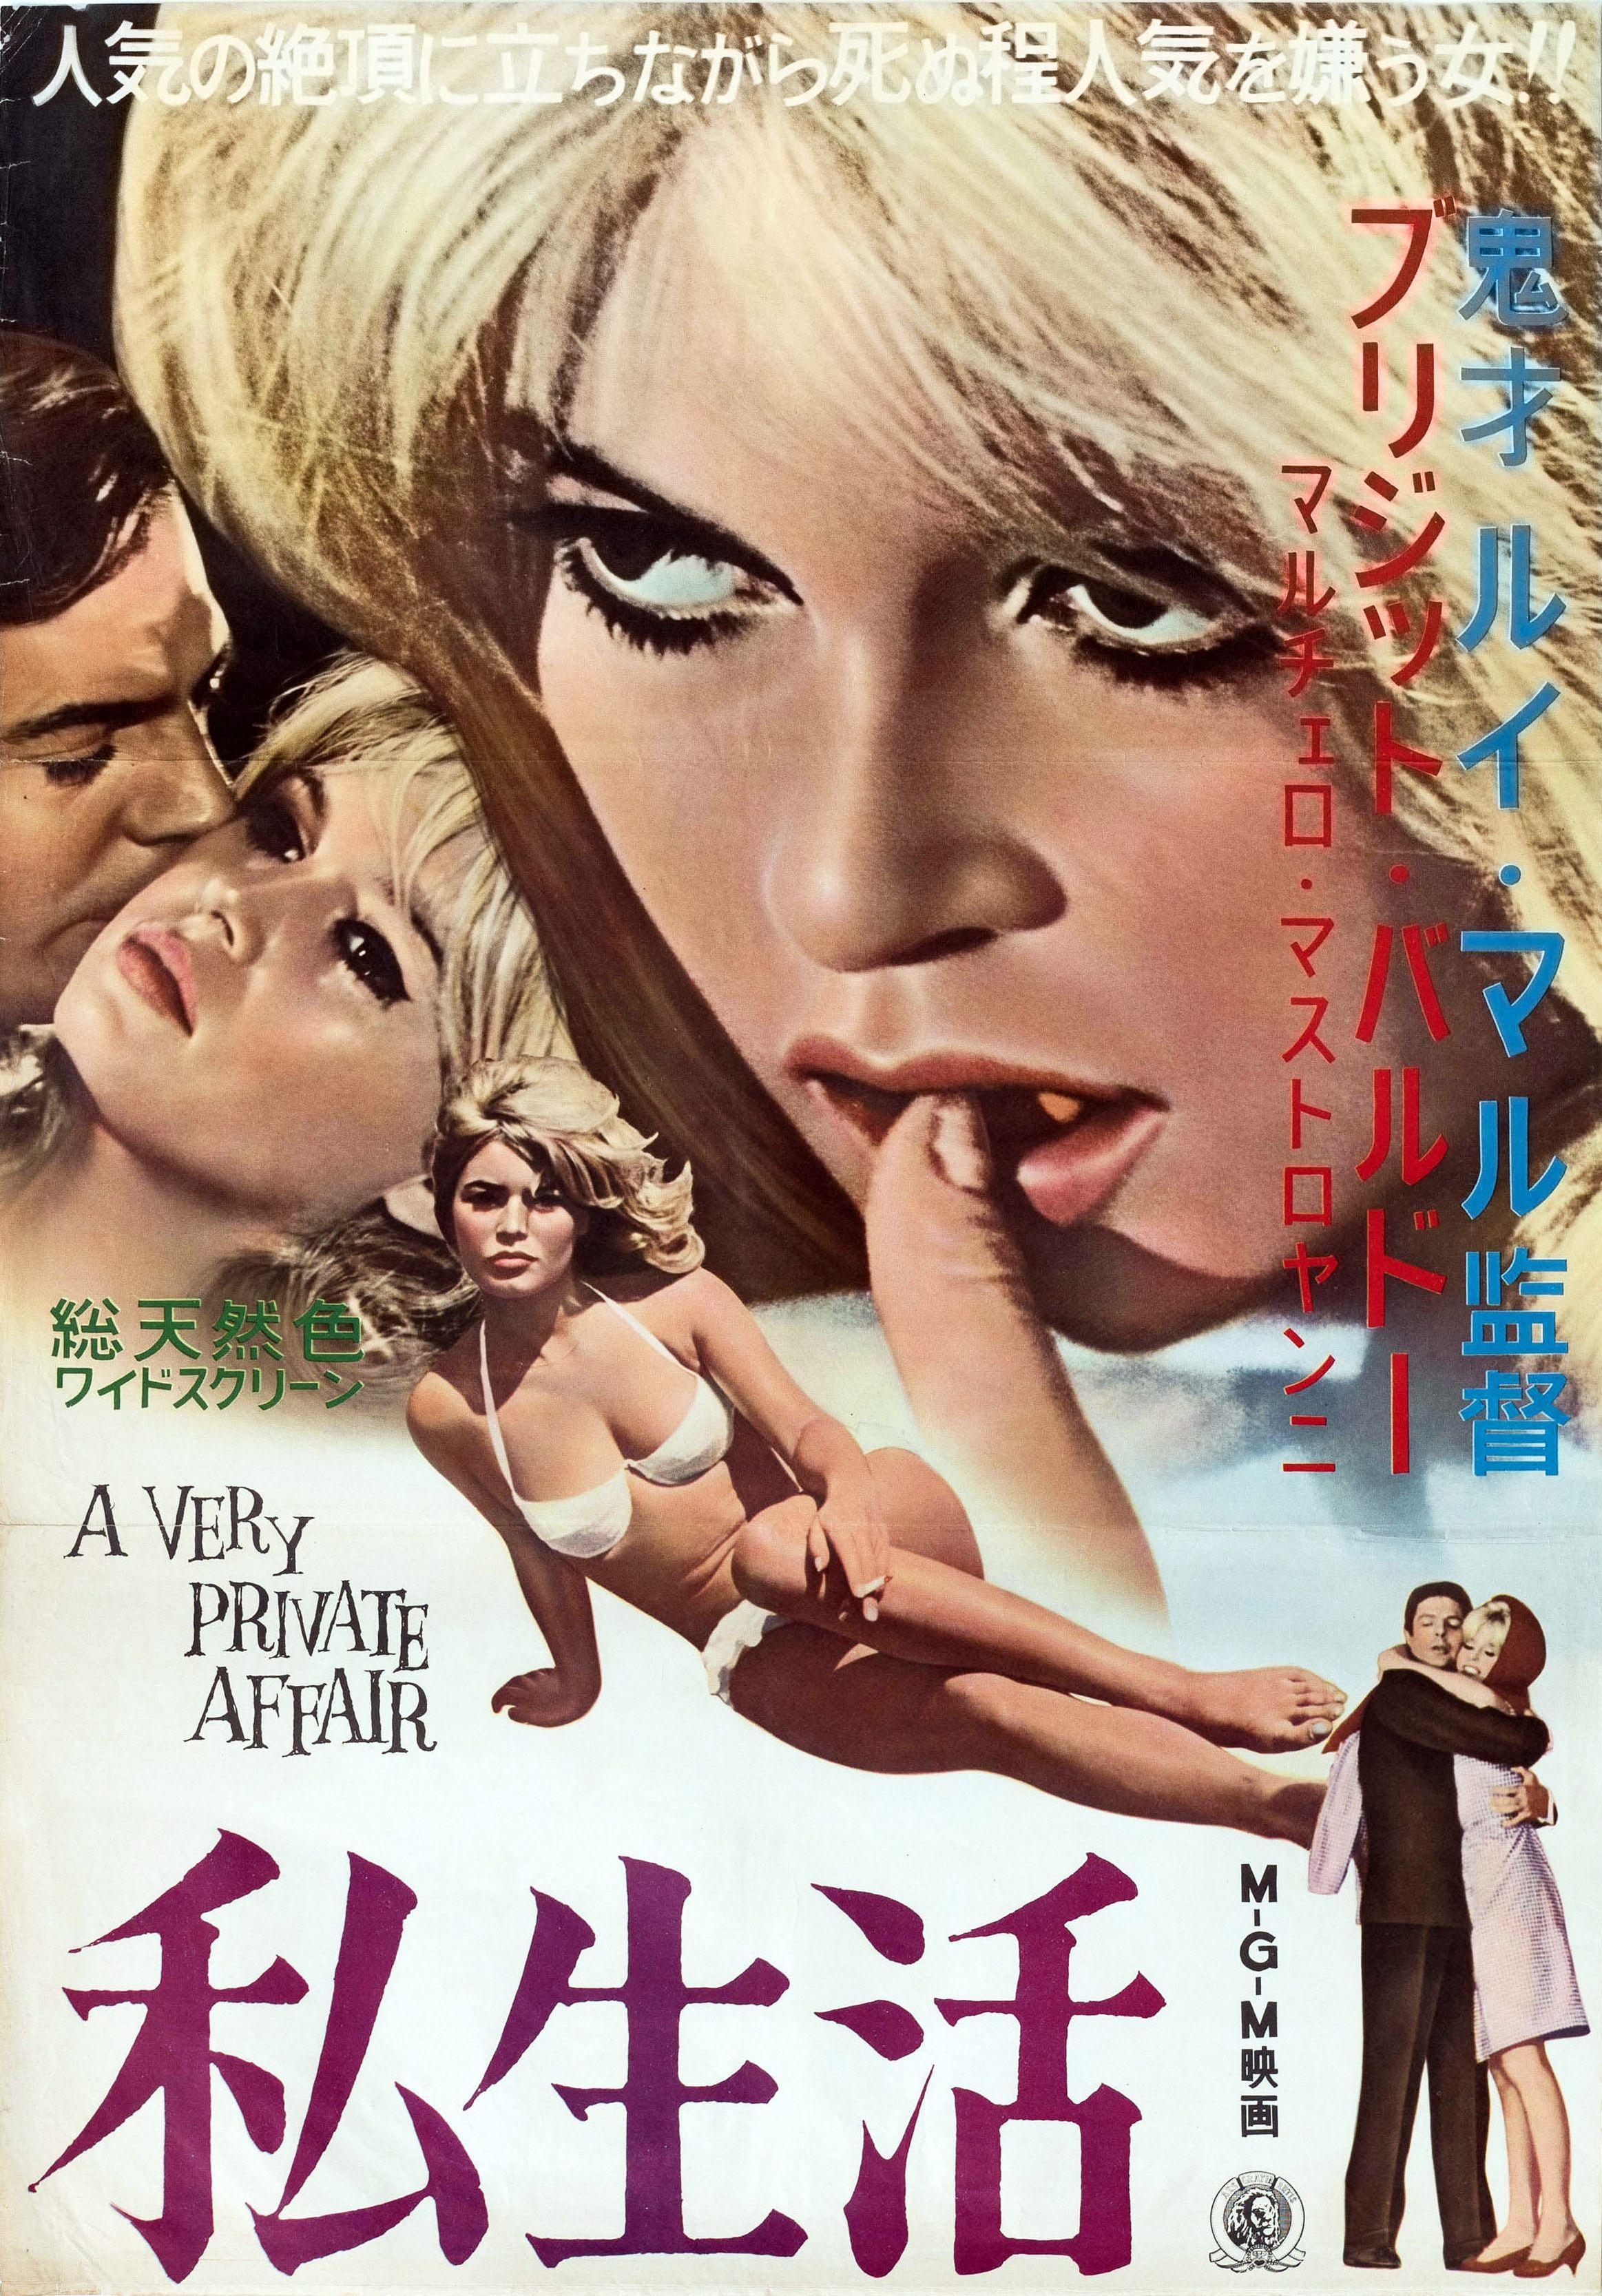 Vie Privee A Very Private Affair  Japanese Movie Poster -4888